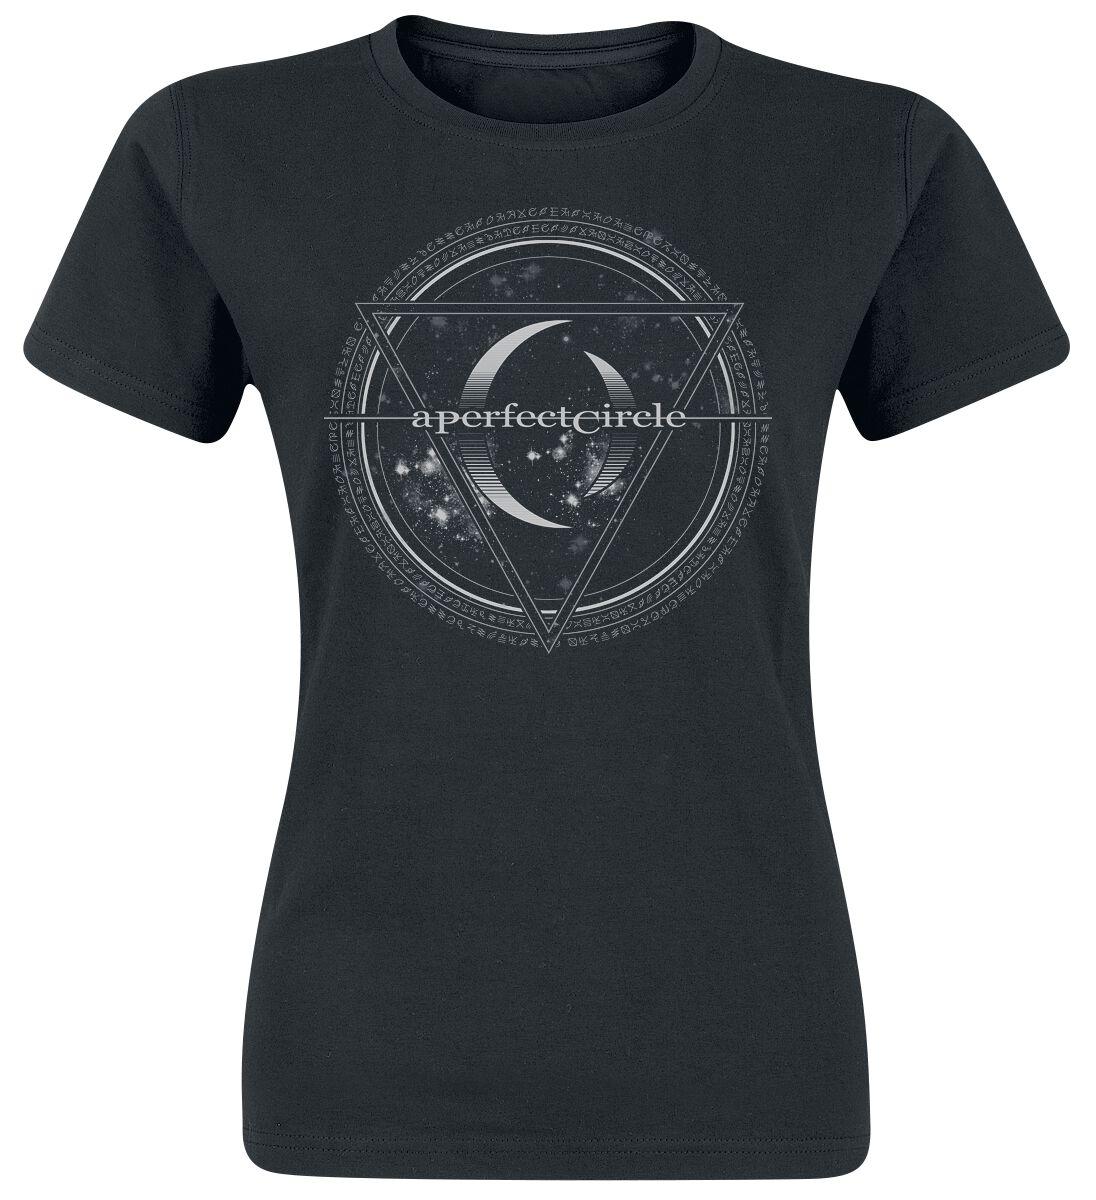 Zespoły - Koszulki - Koszulka damska A Perfect Circle Sigil Koszulka damska czarny - 358937